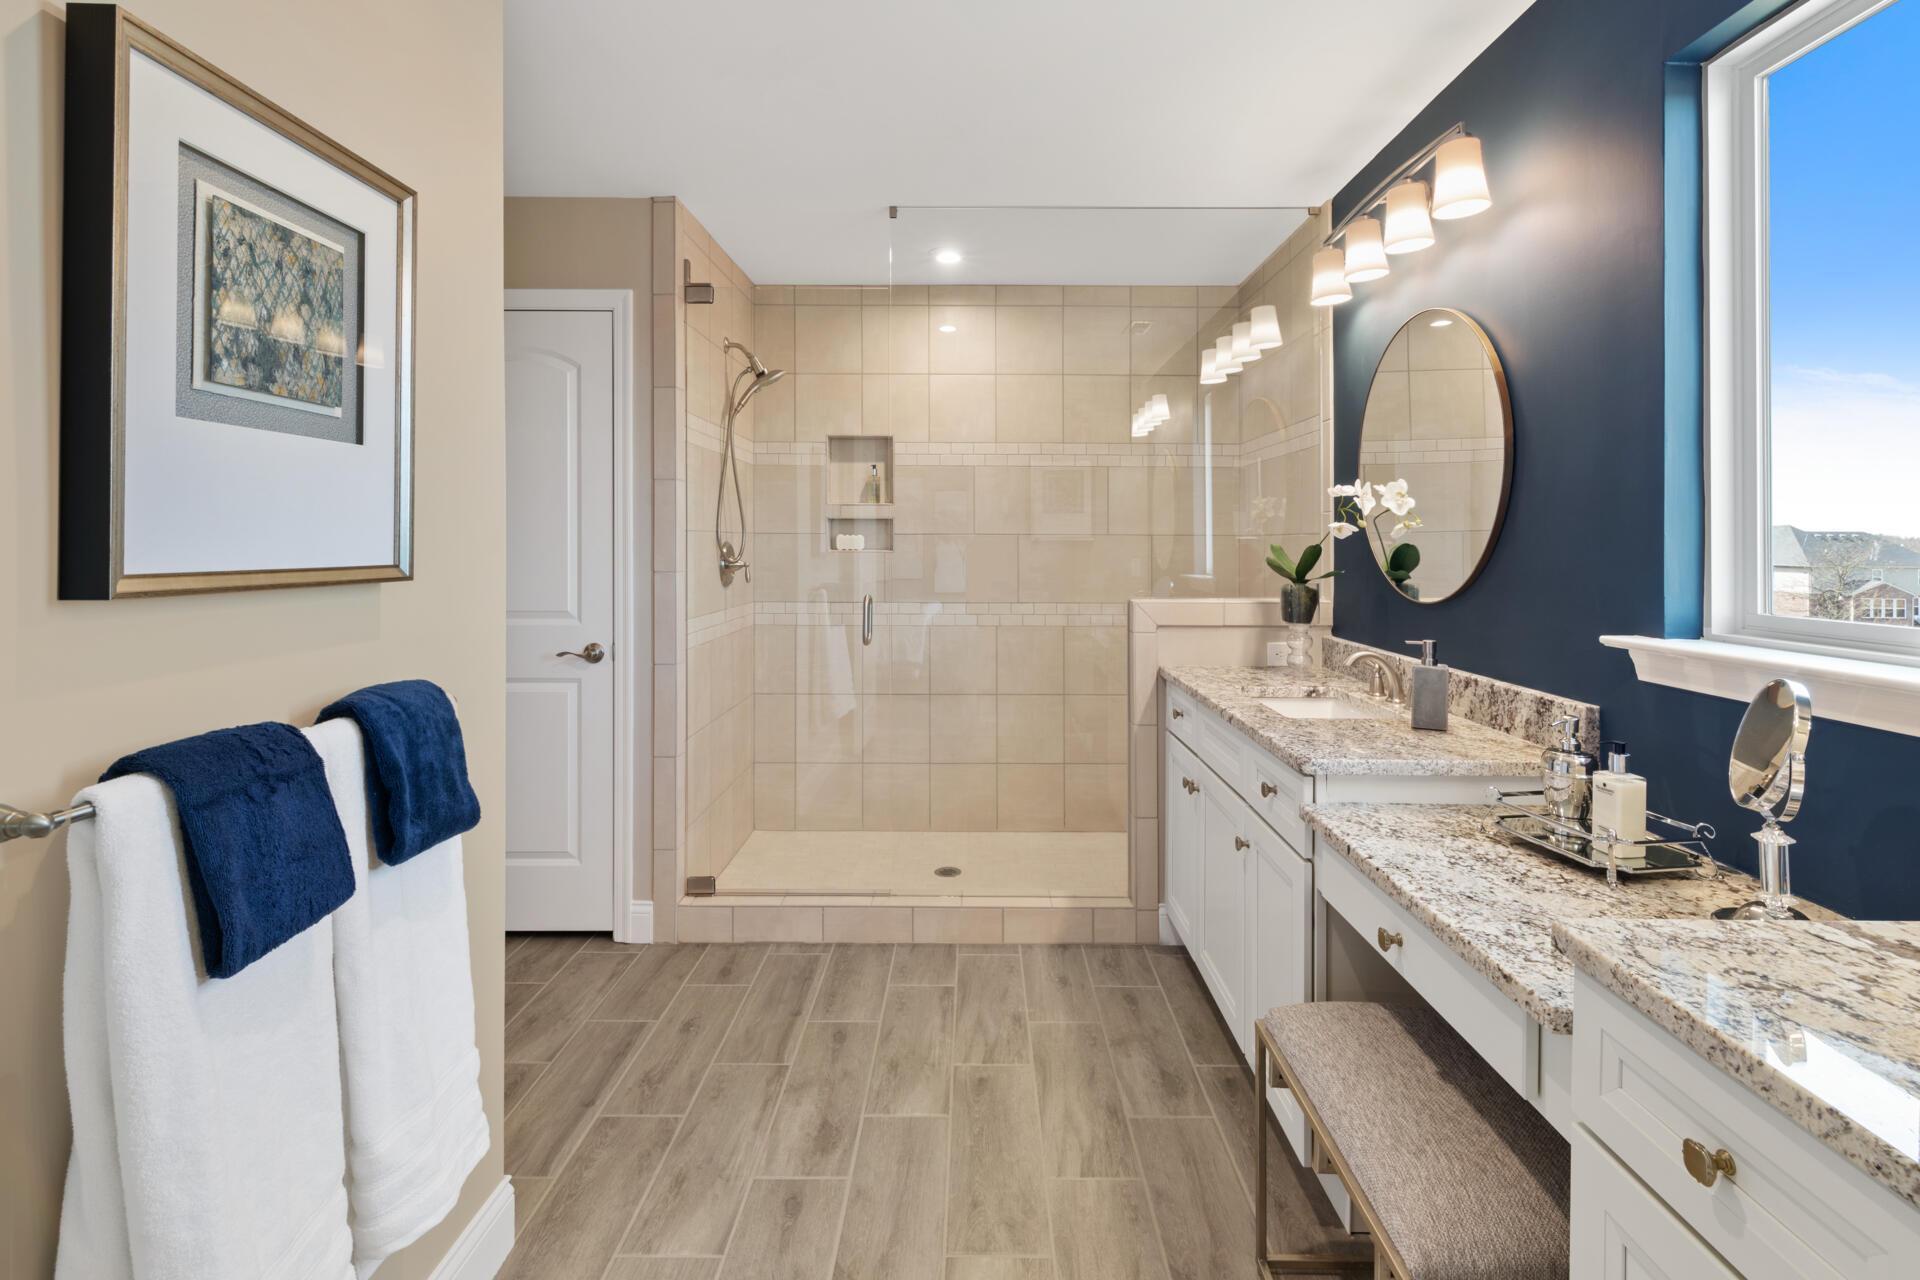 Bathroom featured in the Buchanan By Drees Homes in Cincinnati, OH